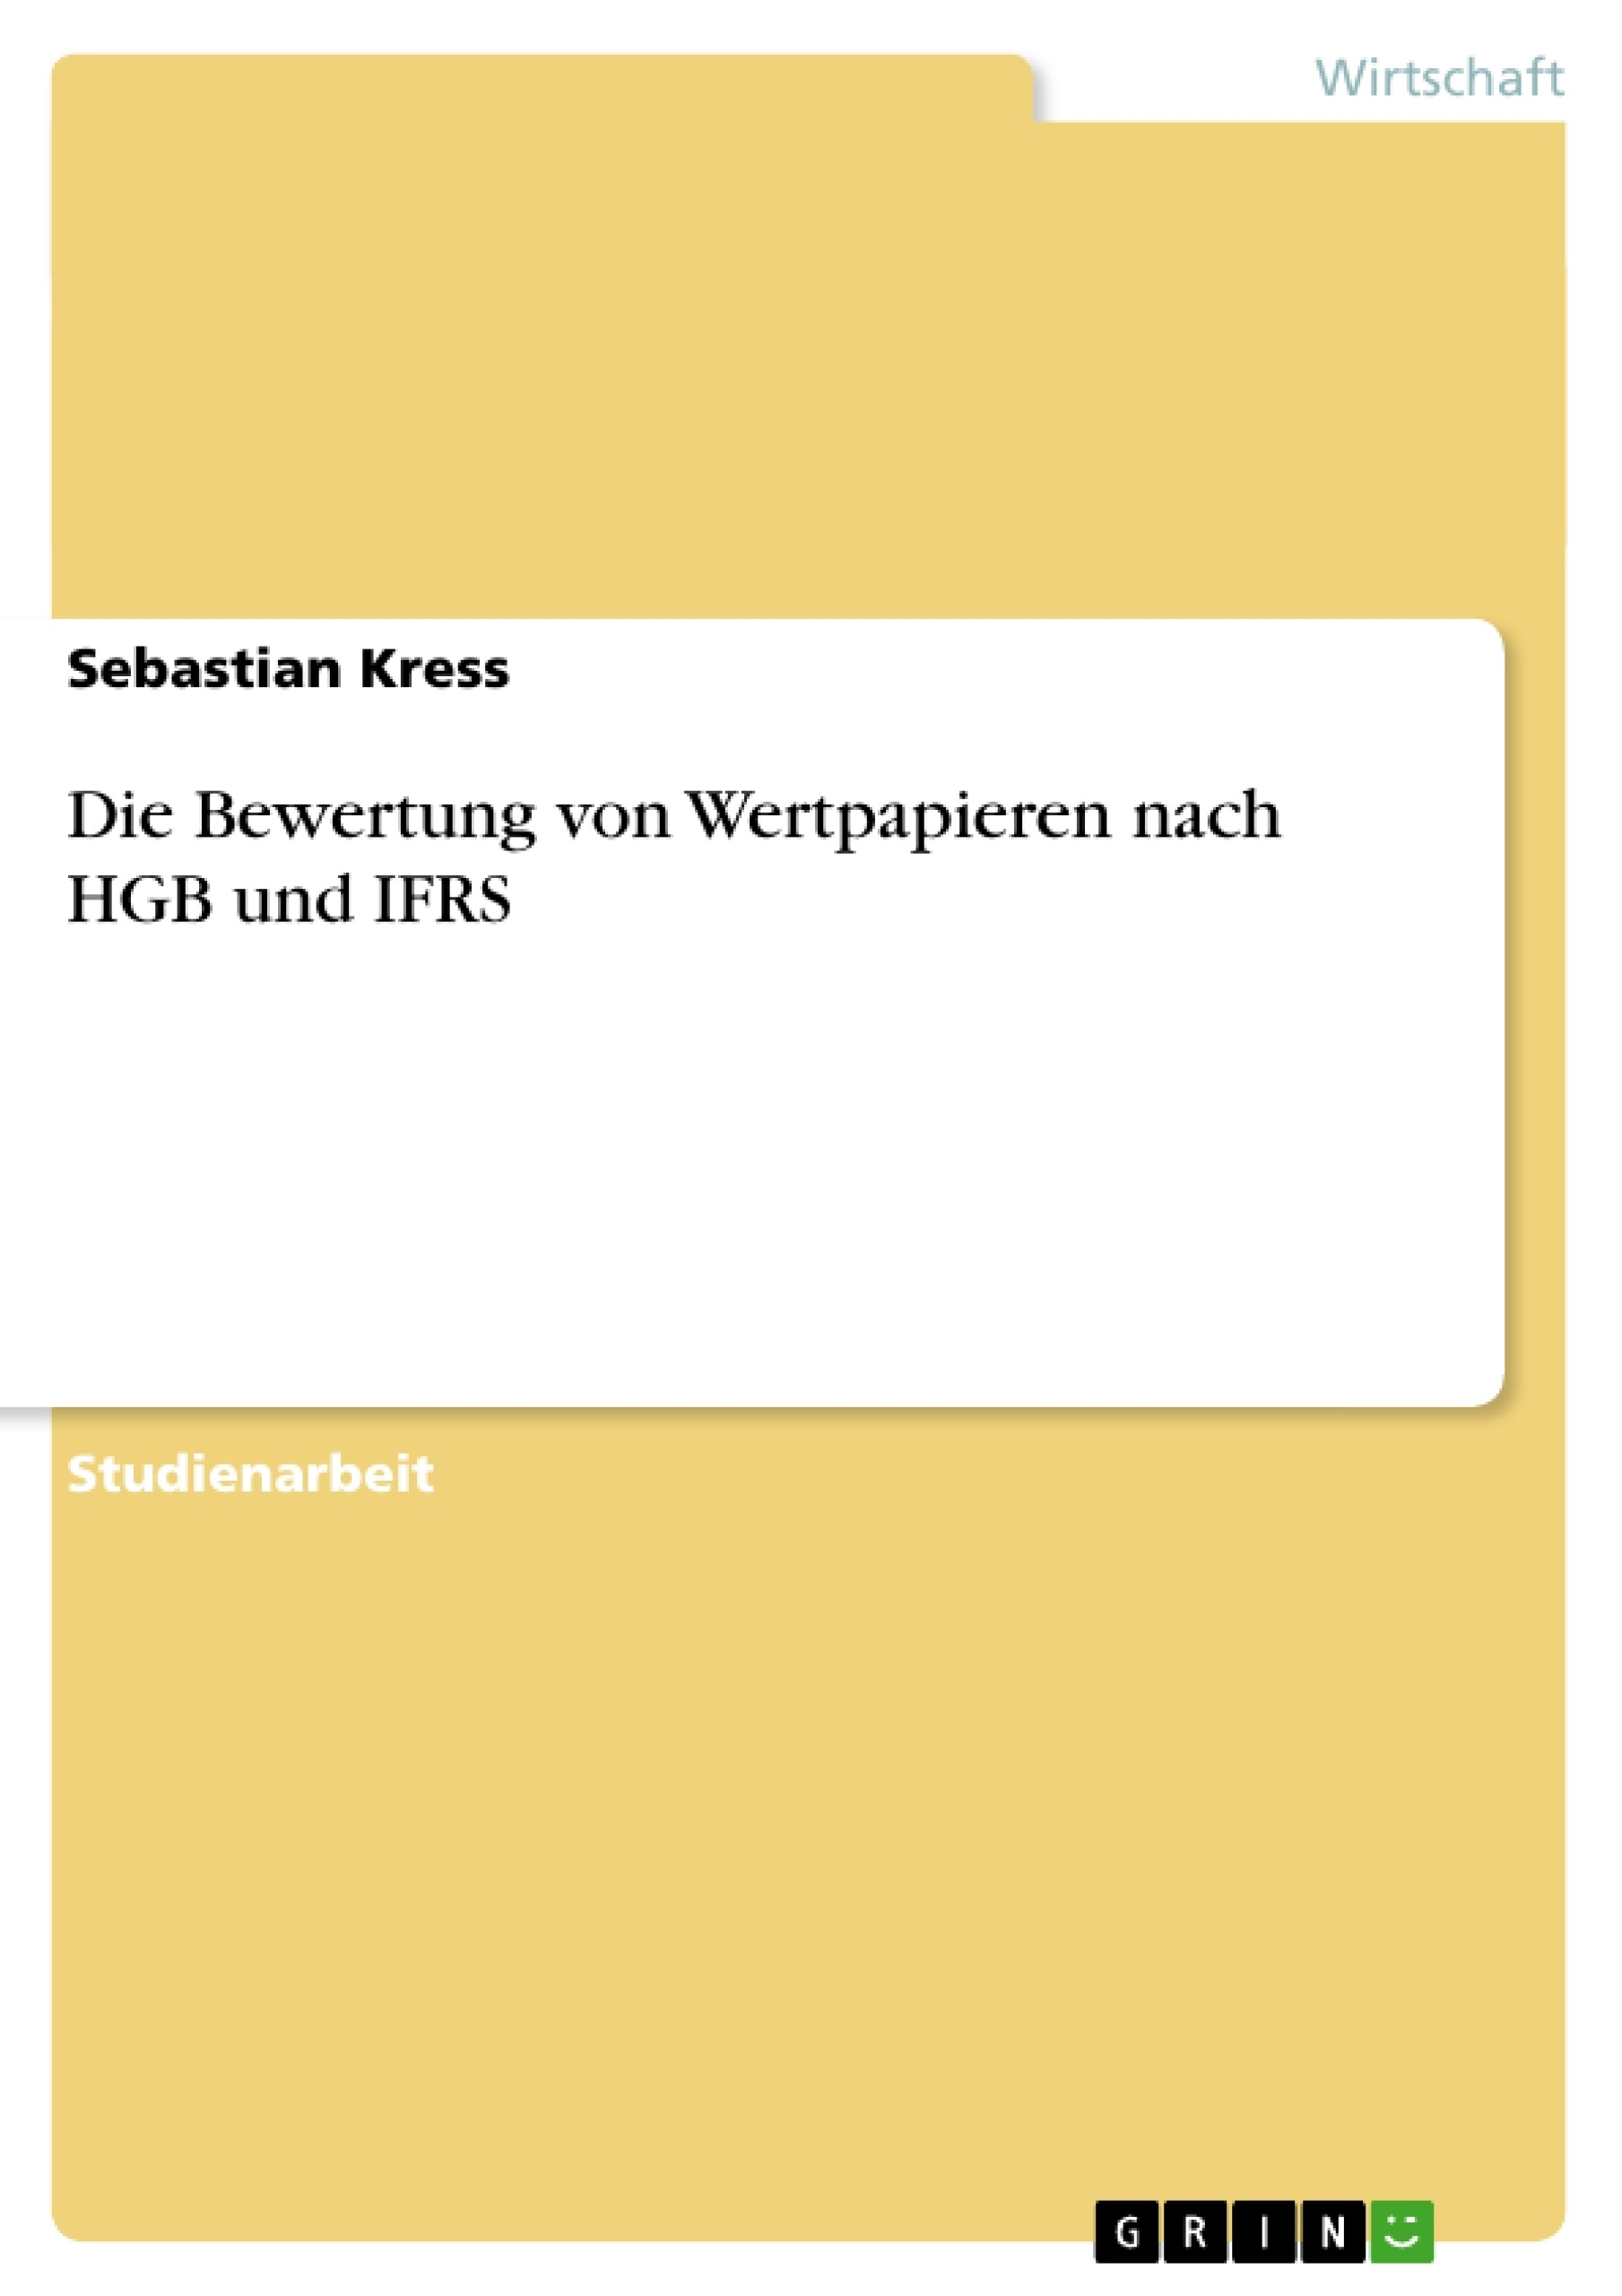 Titel: Die Bewertung von Wertpapieren nach HGB und IFRS